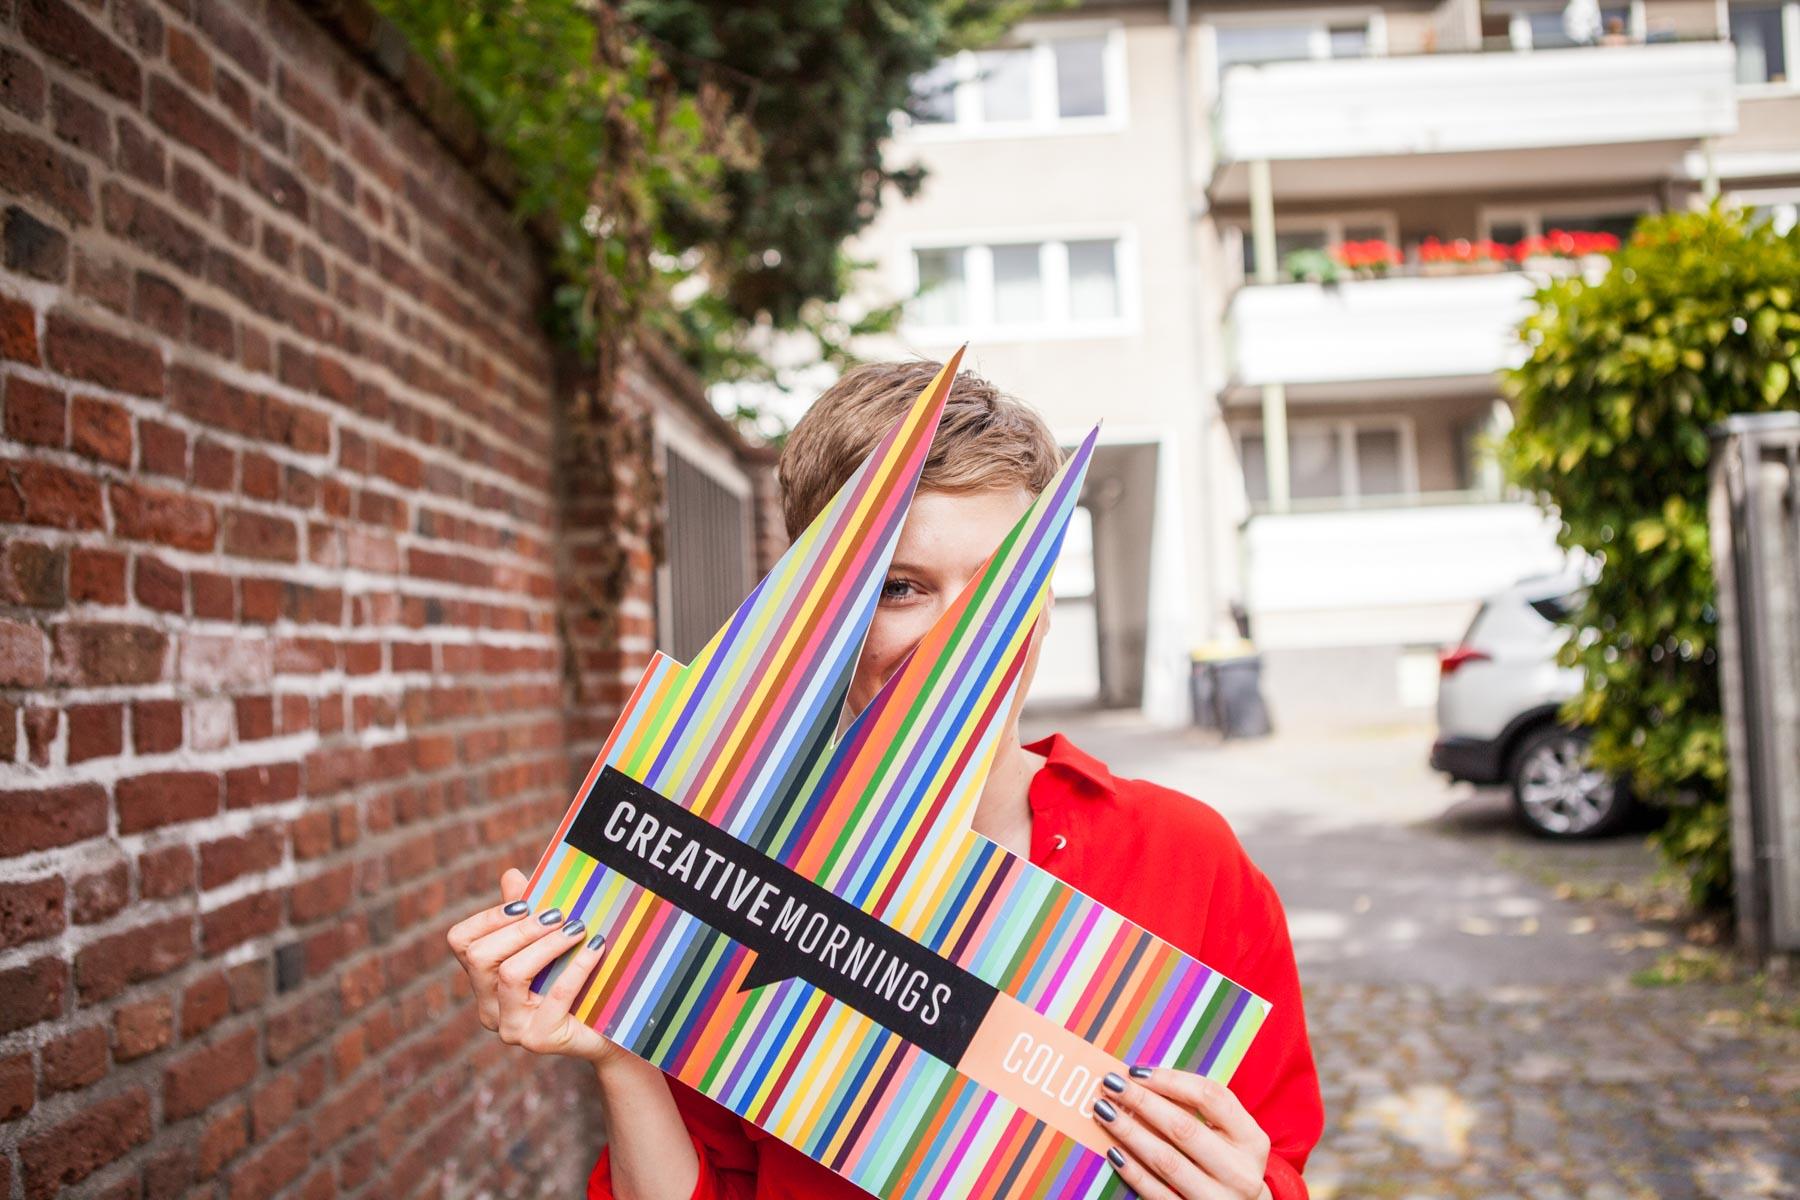 creative mornings köln vortrag frühstück enno digital ulli Killberth frau rote blue schild dom jörn strojny